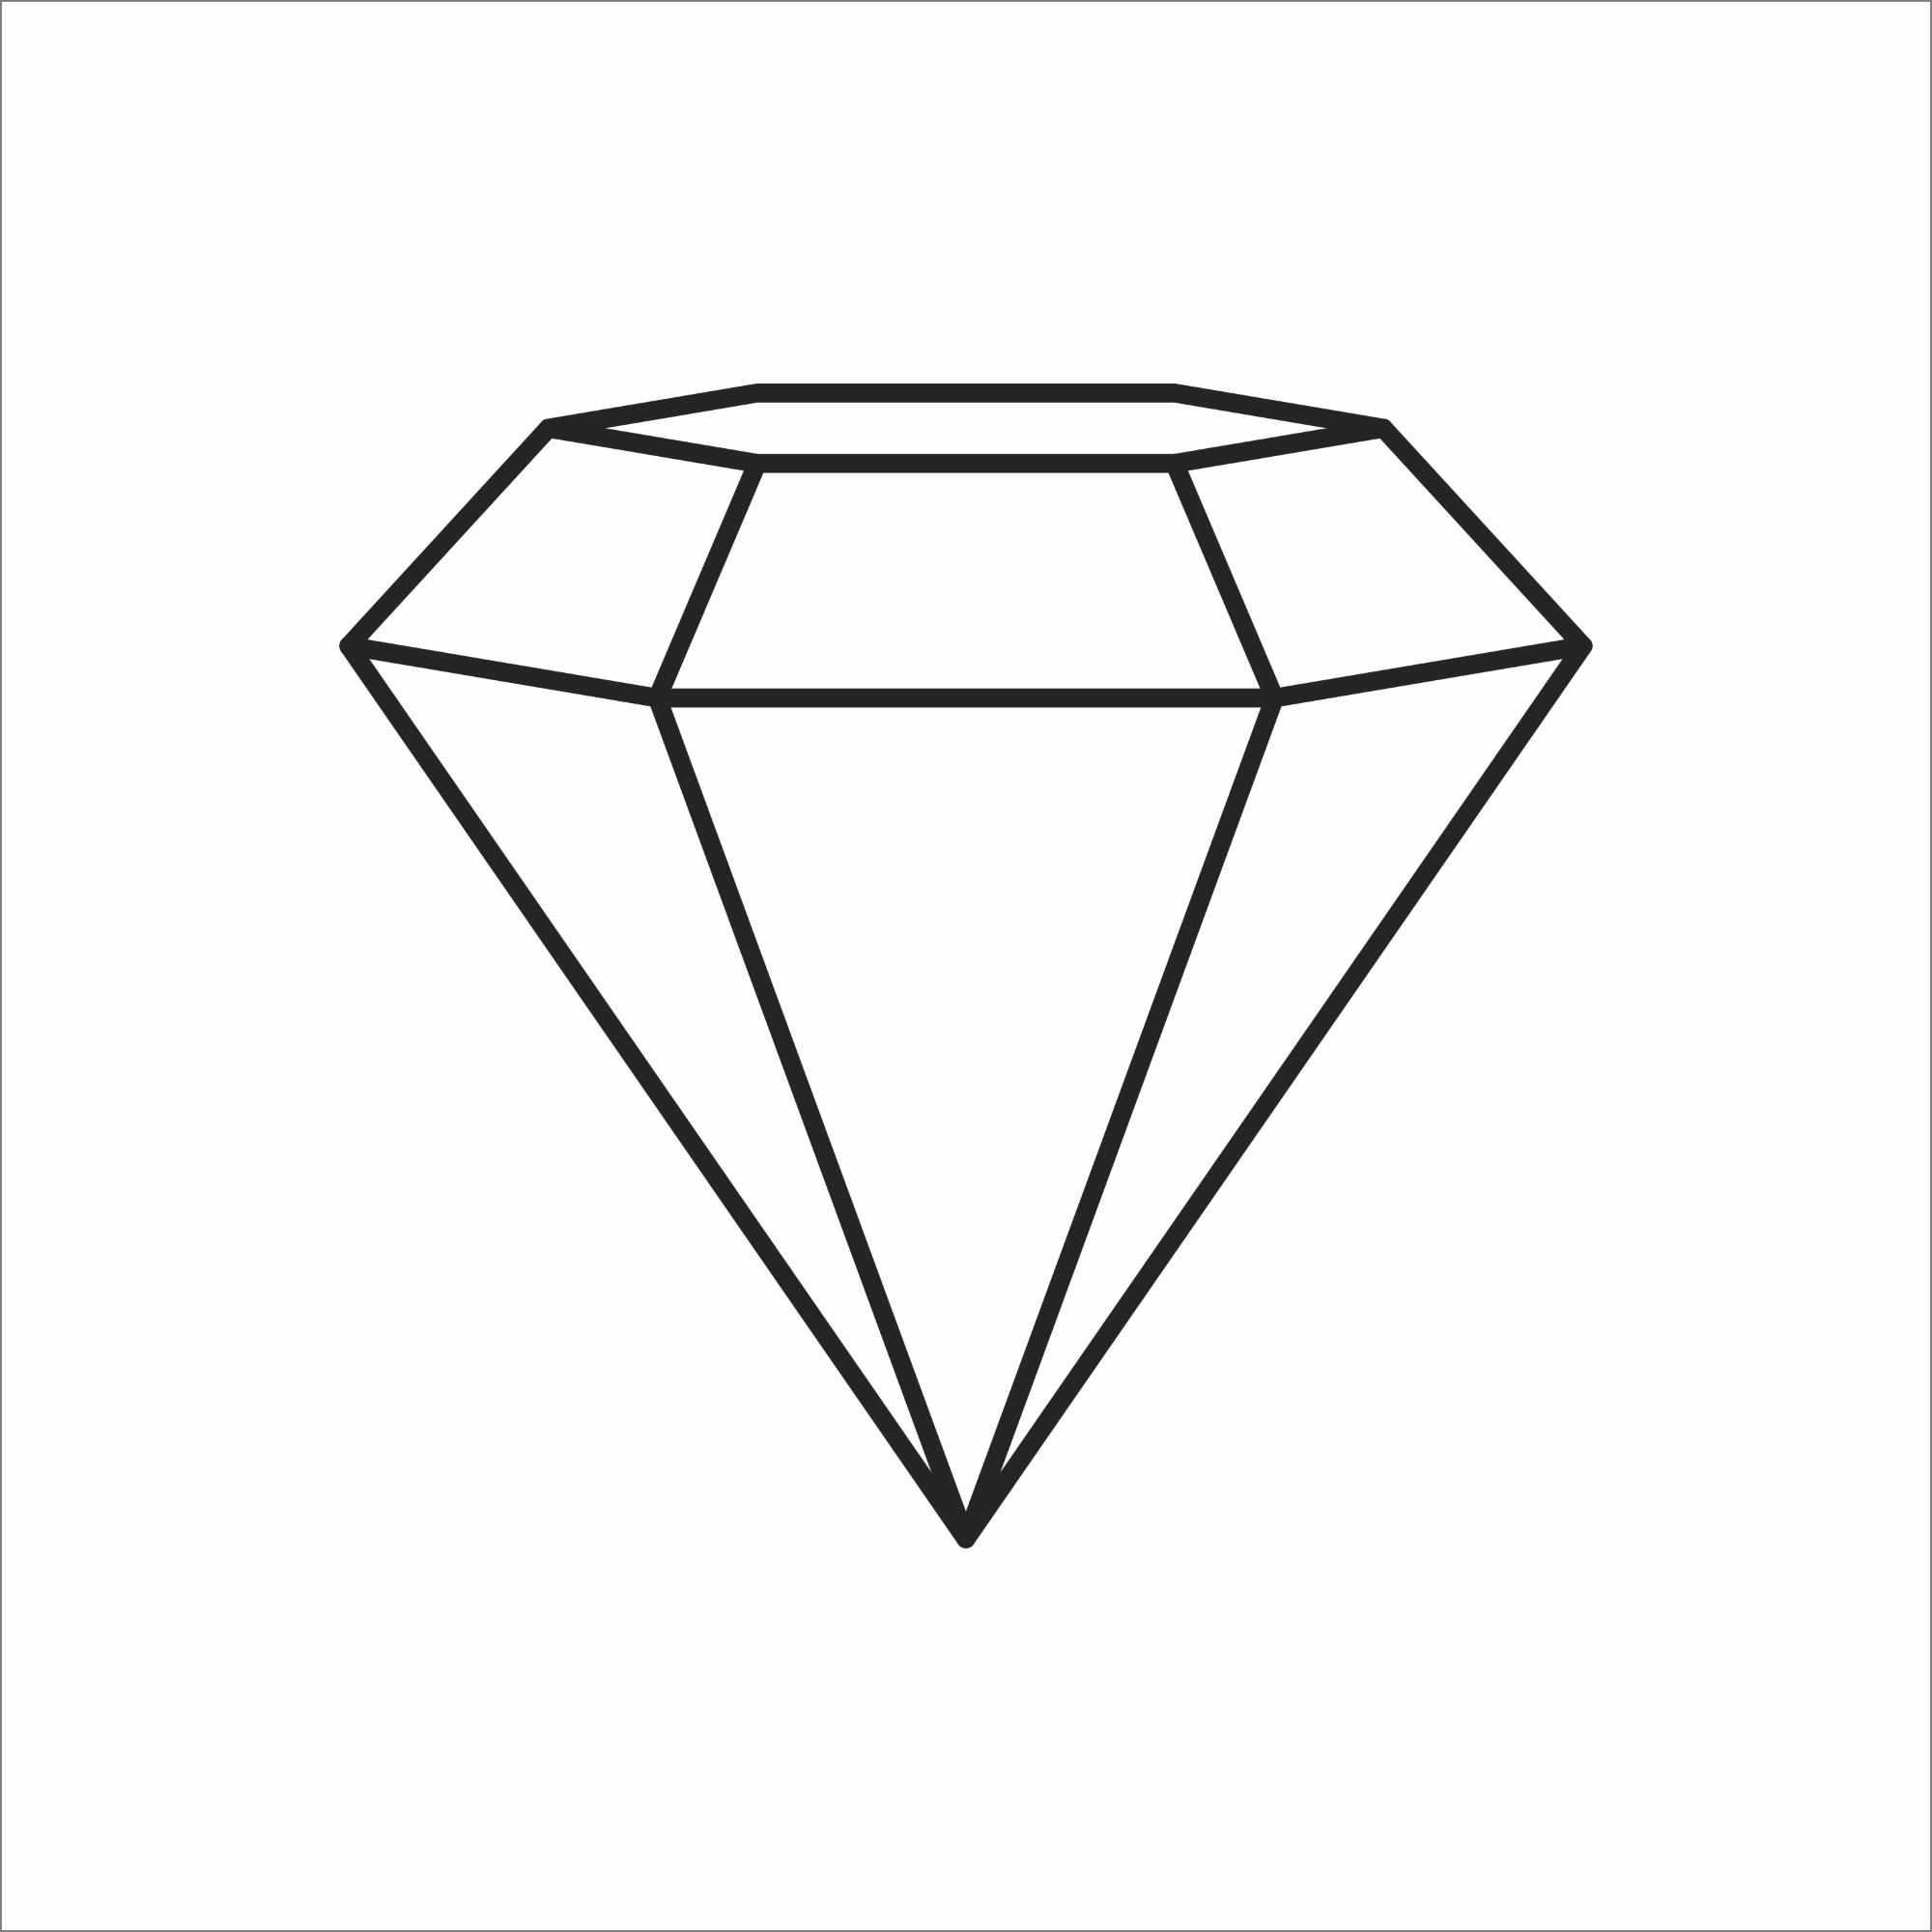 Placa Decorativa em MDF 25x25cm Diamante 68707 - Kapos